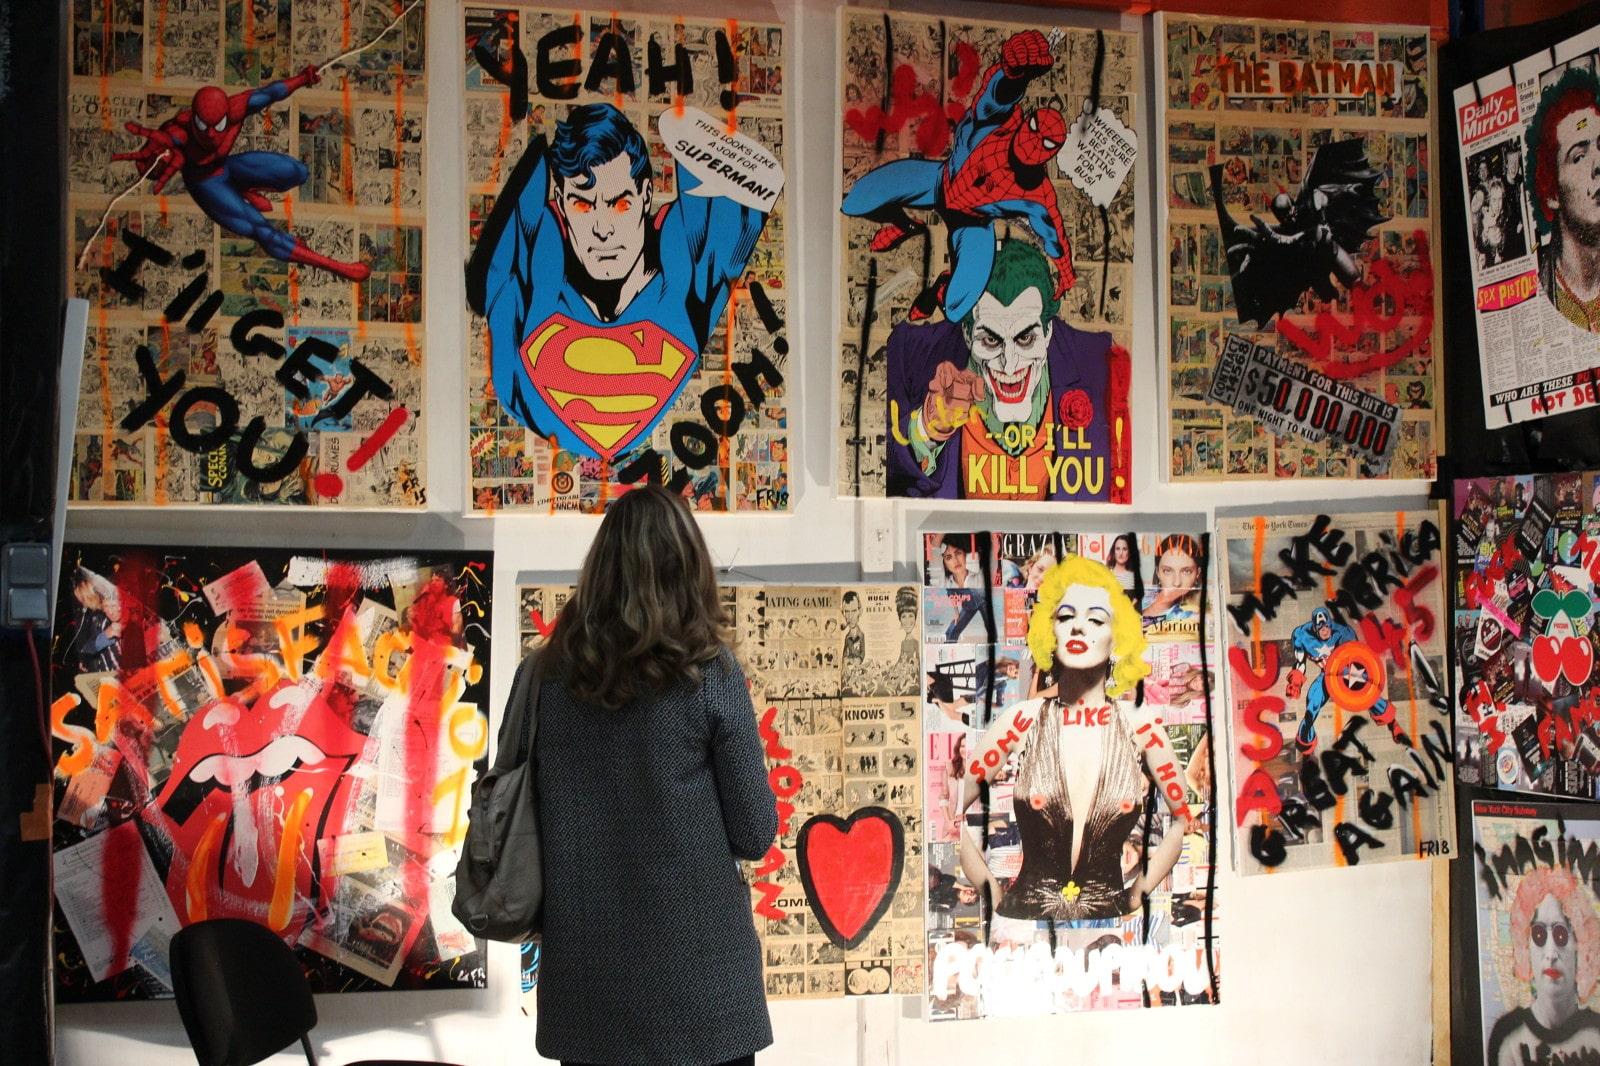 Exposition_Dem_art-Saint-Etienne_Tourisme___Congres___Aurelie_Sanchez-54290-1600px